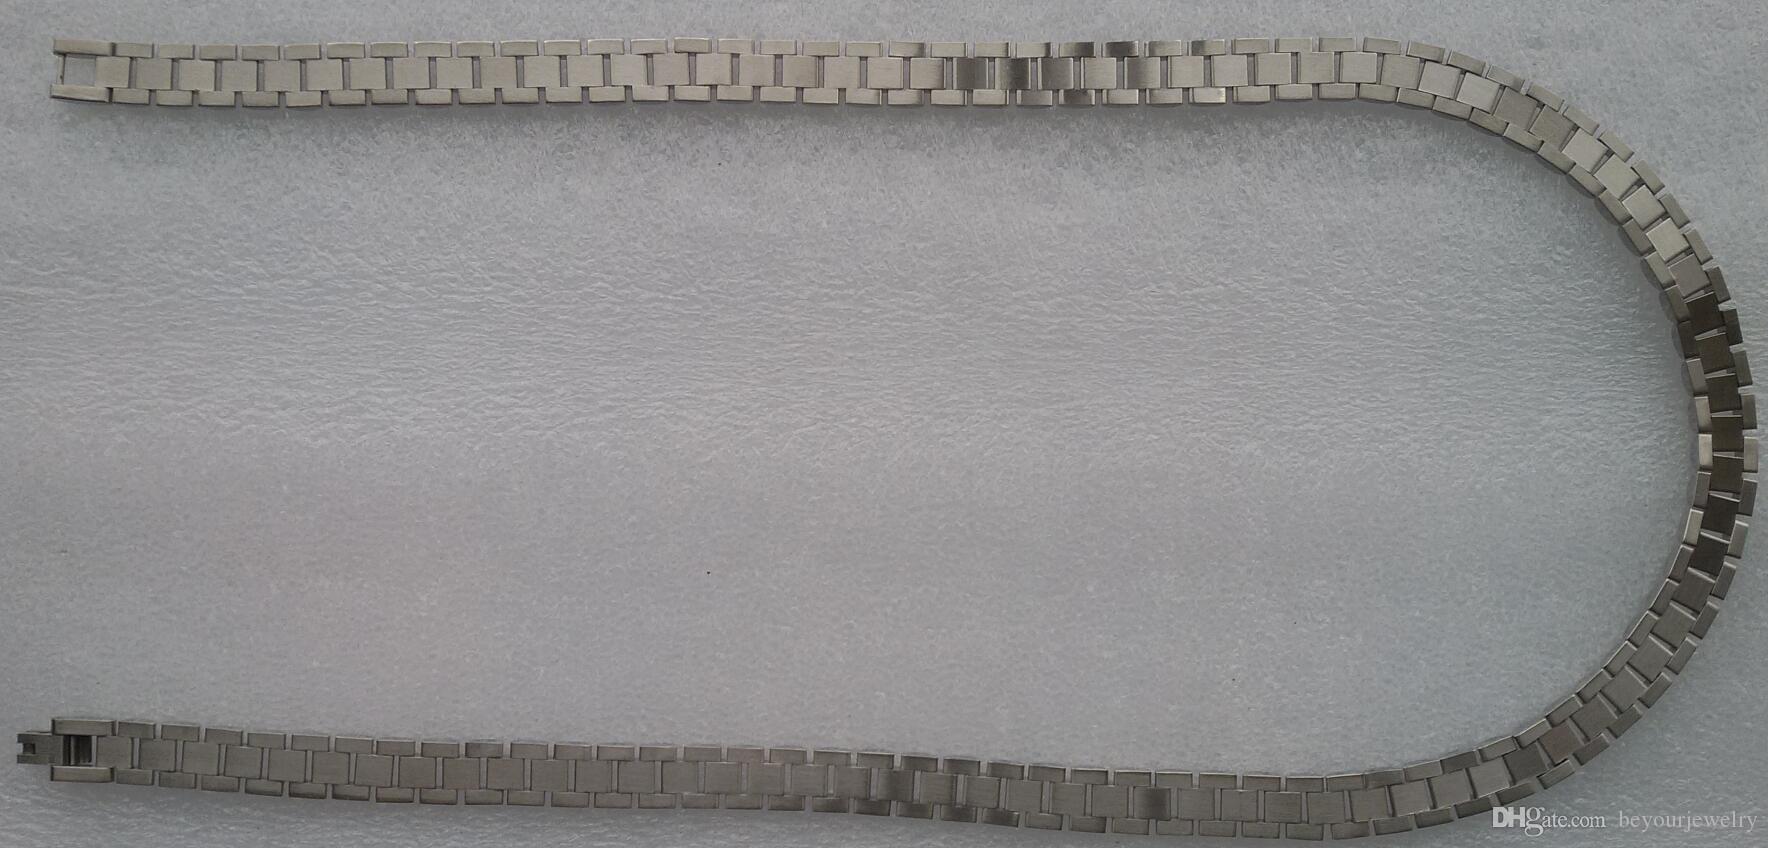 جديد سوبر نوبل الأزياء عالية الجودة للرجال 316L الفولاذ المقاوم للصدأ الفضة الأبيض باند رابط قلادة